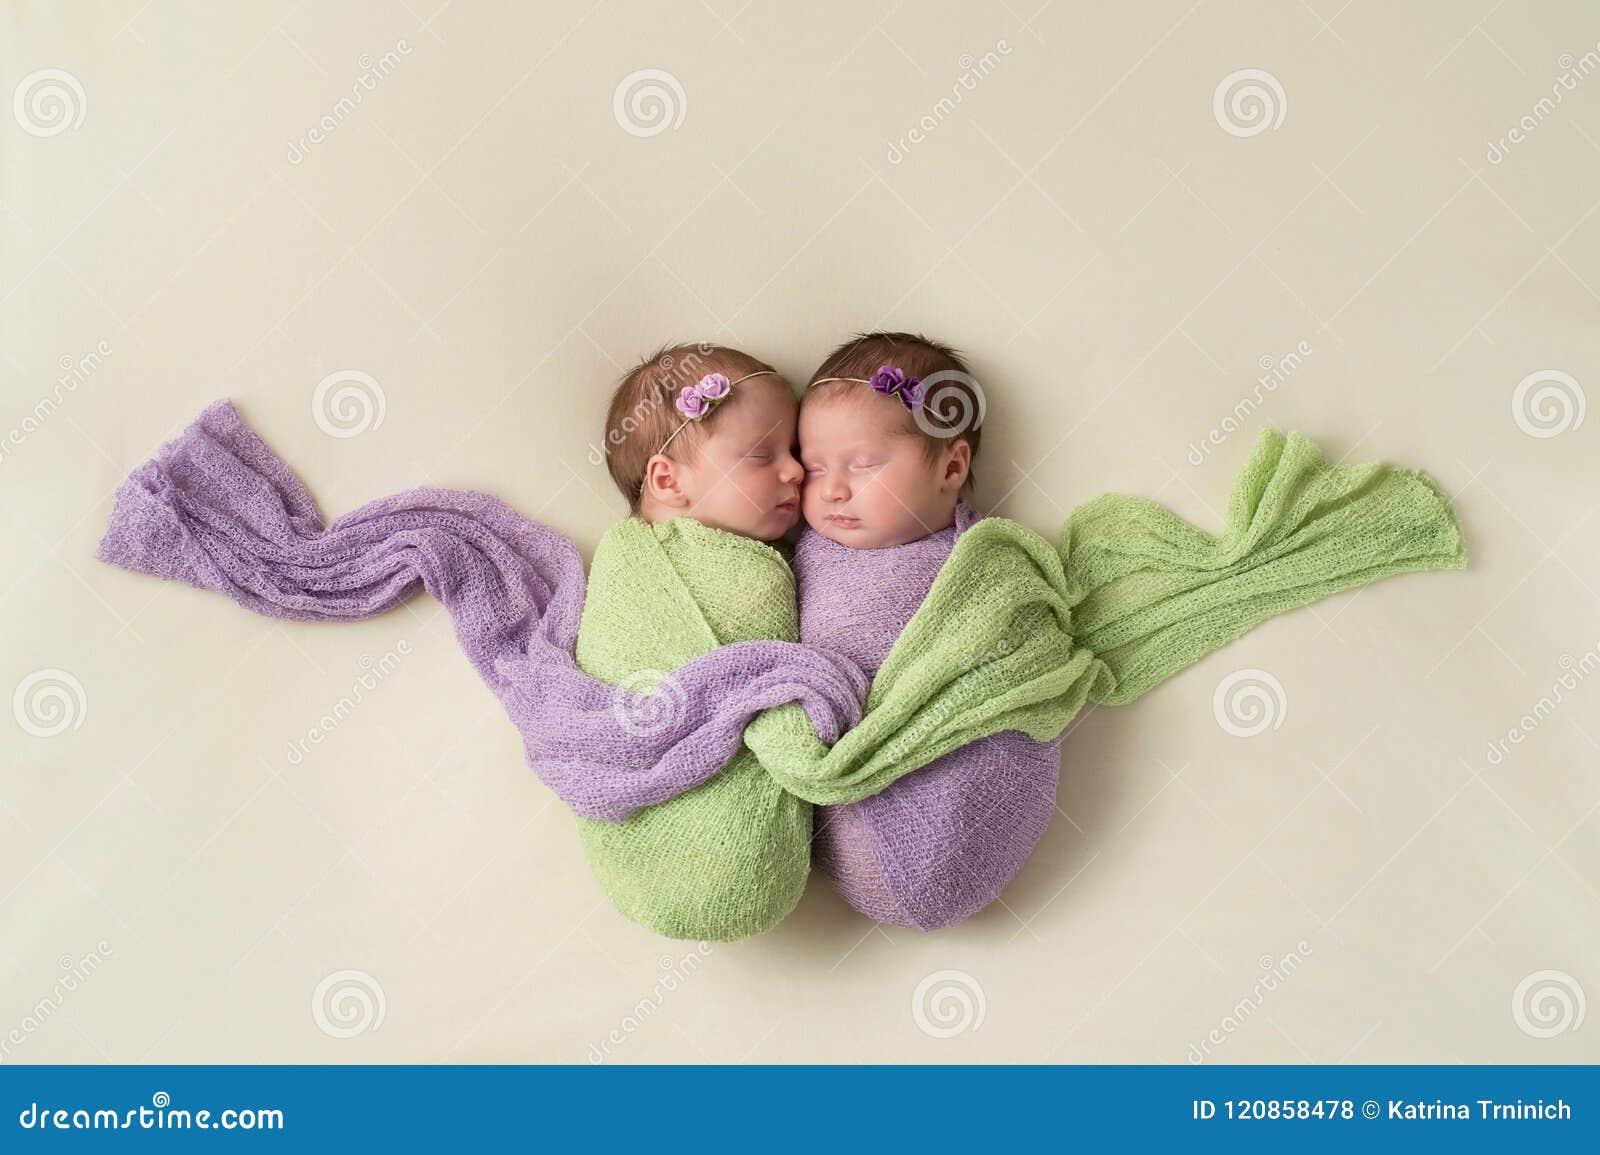 Fraternal Twin Newborn Girls in Swaddles